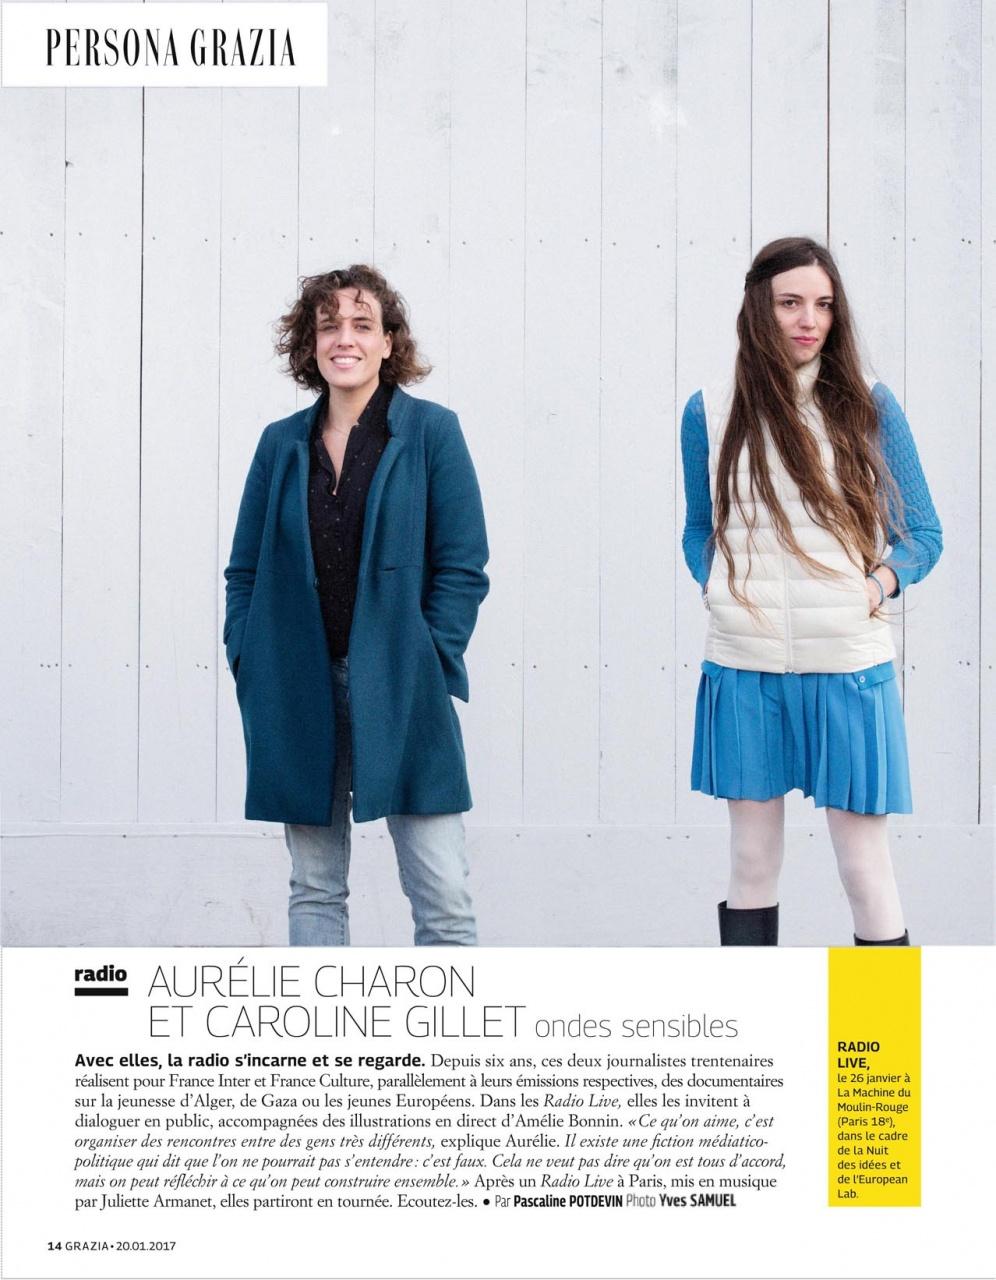 Aurélie Charon et Caroline Gillet